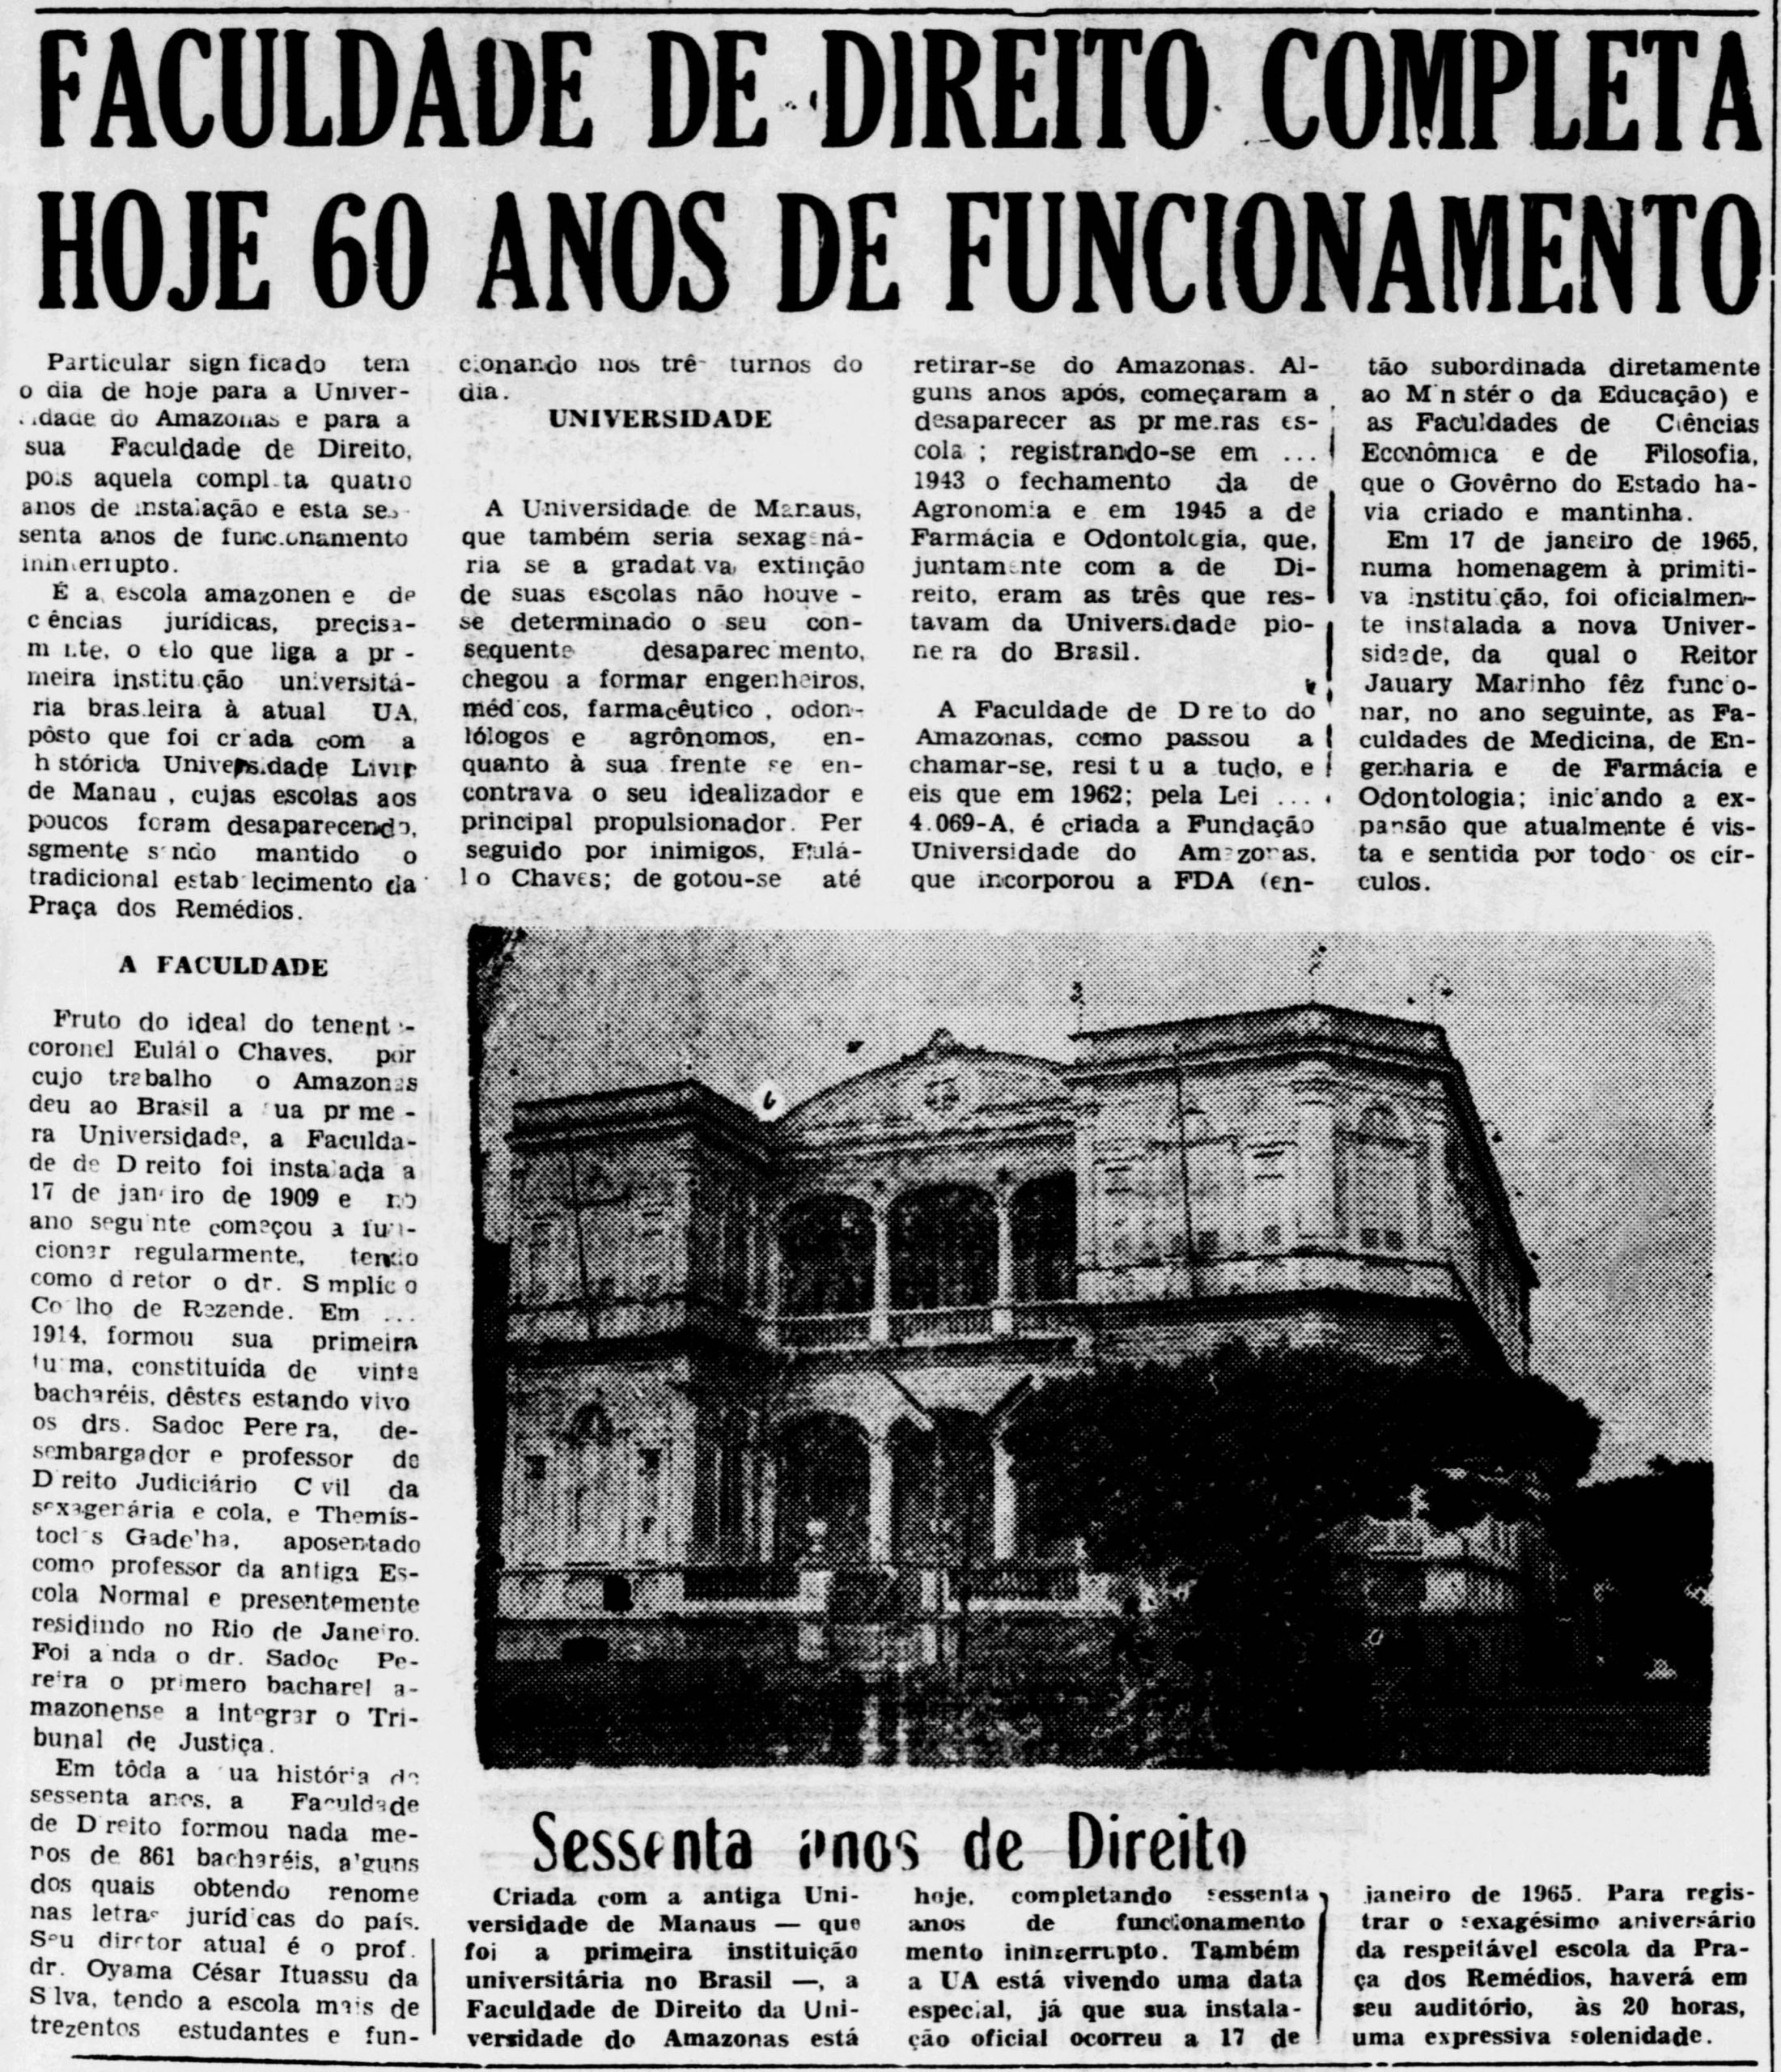 Instituto Durango Duarte - Faculdade de Direito